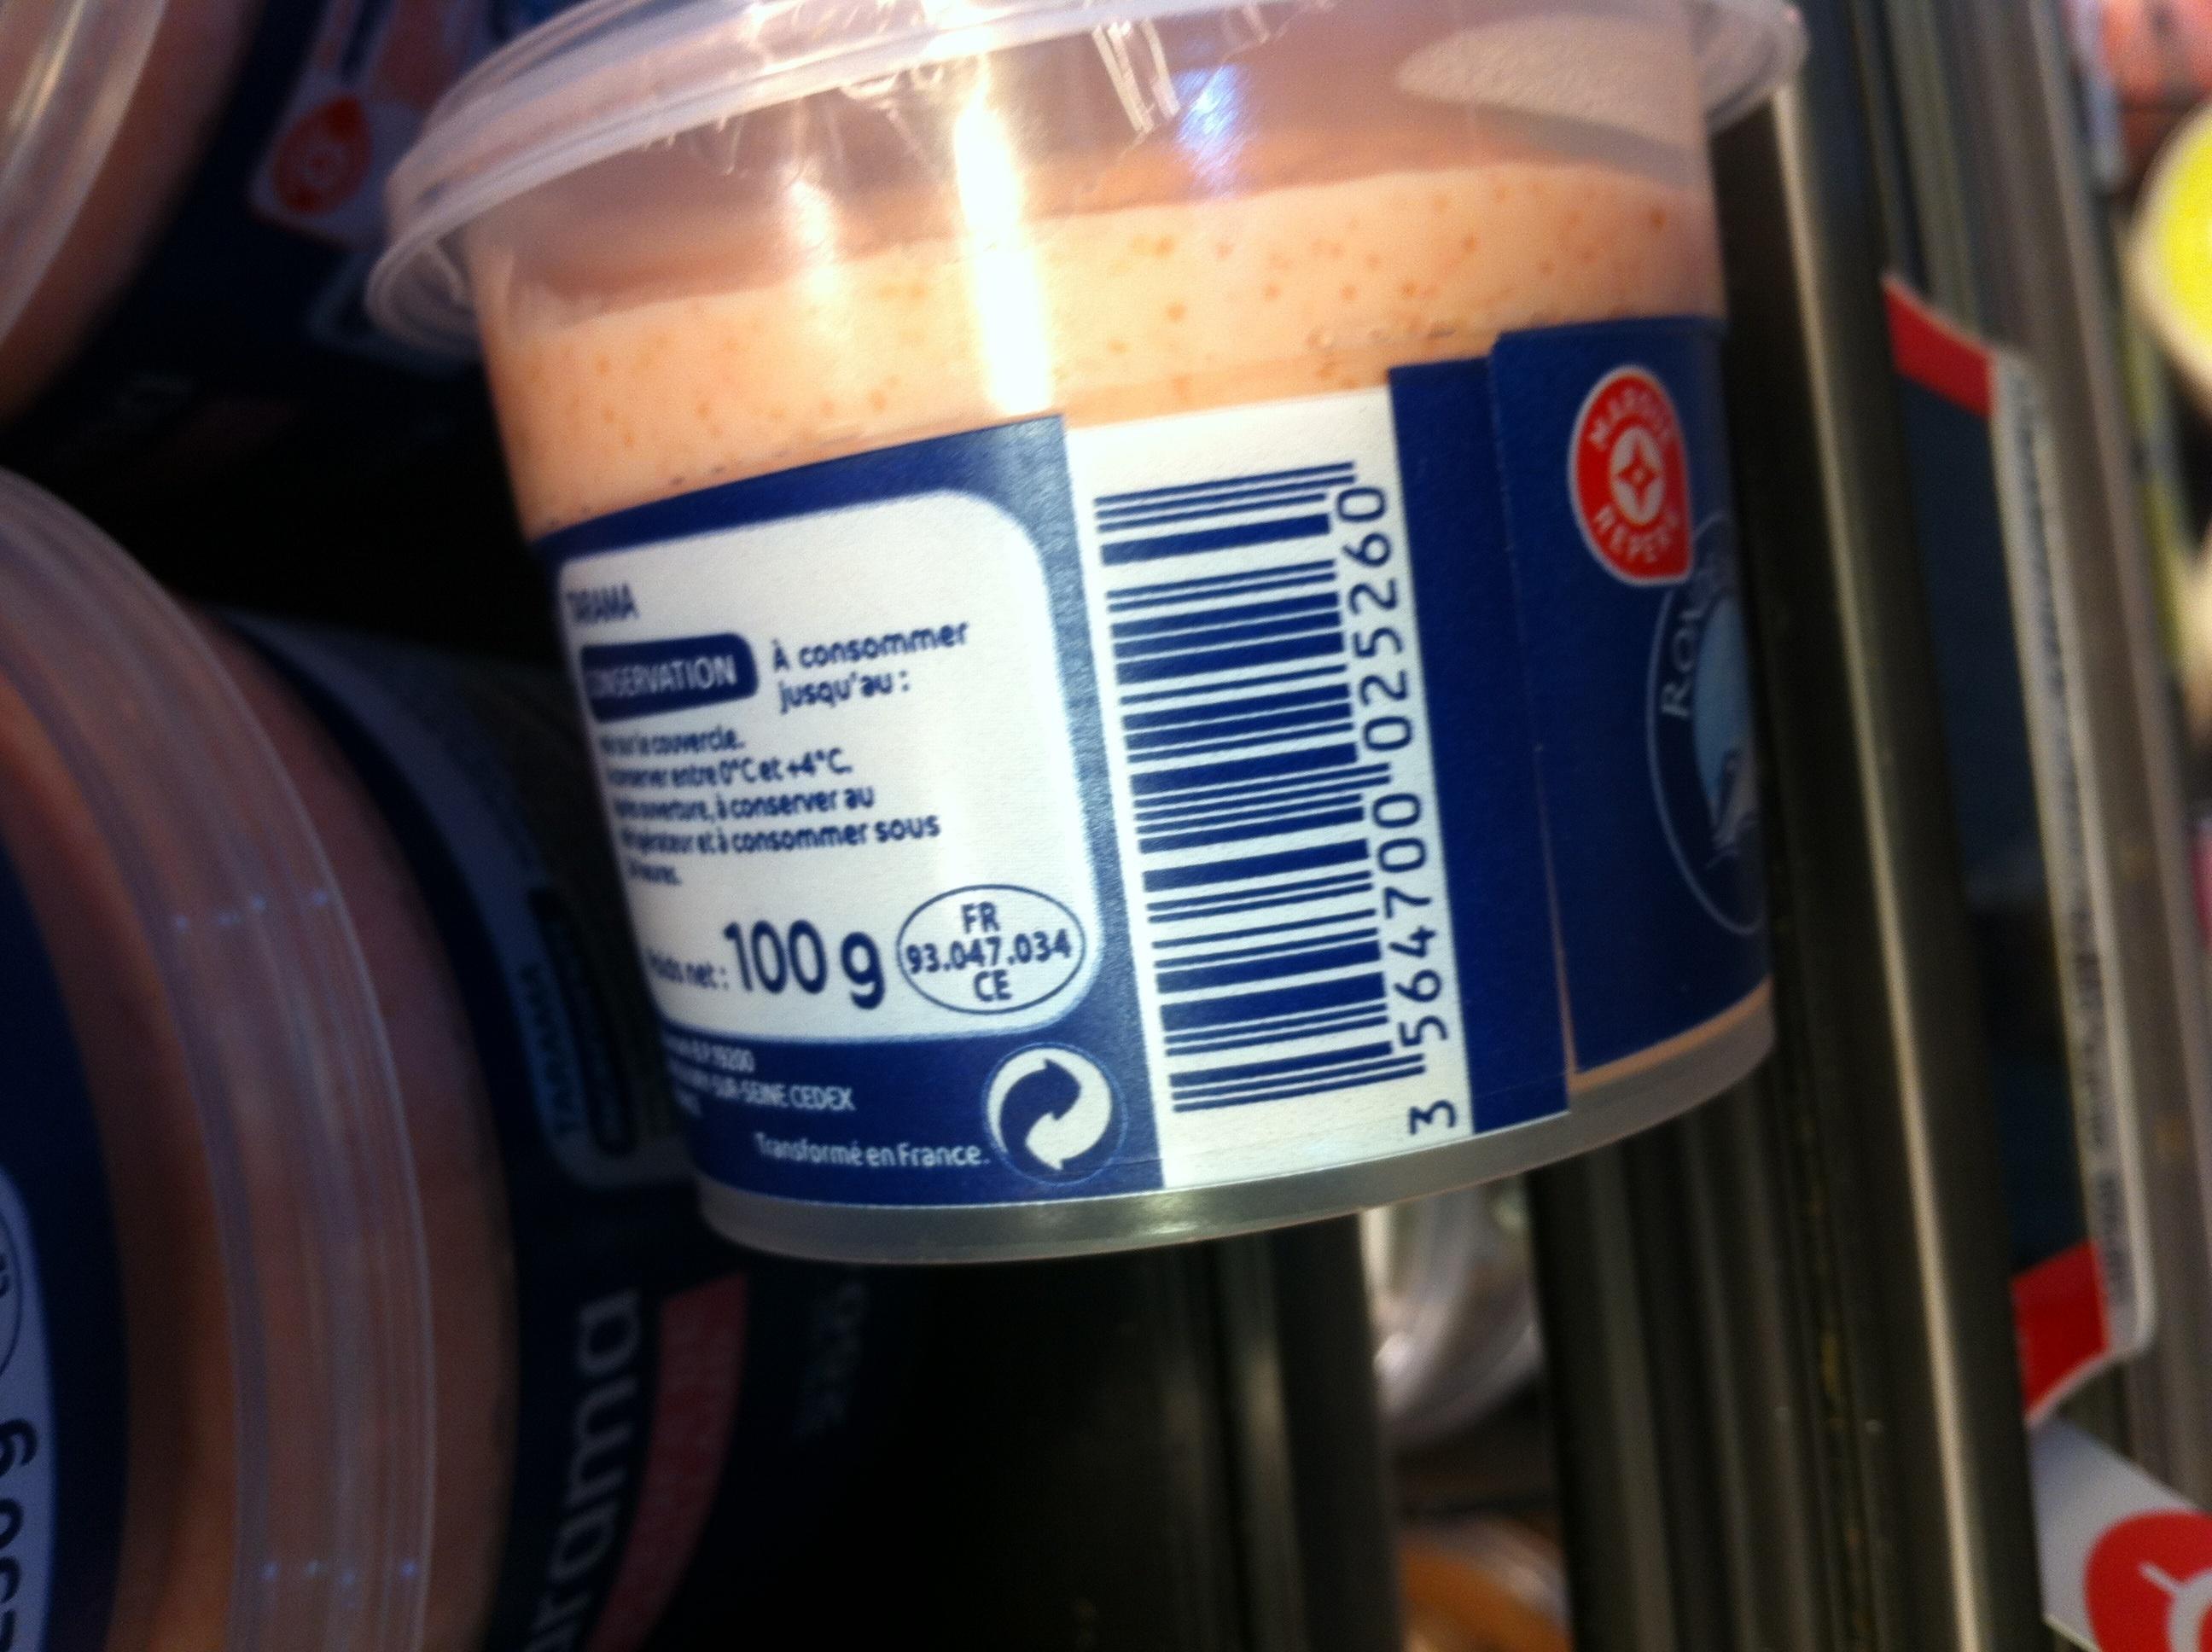 Tarama aux oeufs de cabillaud - Product - en